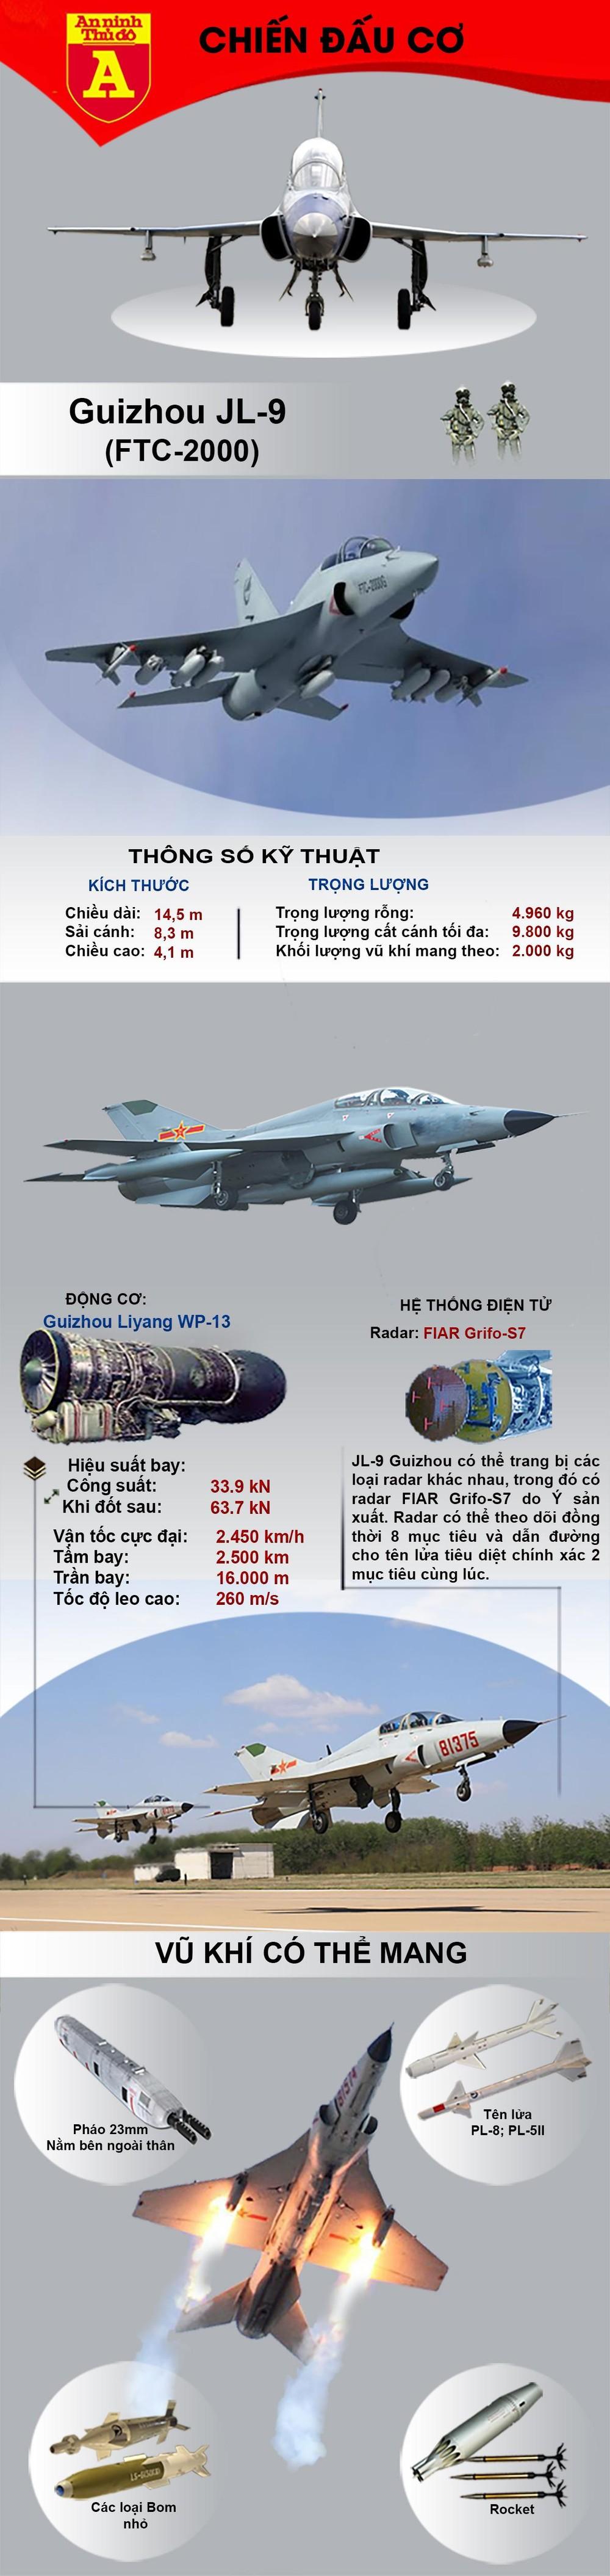 [Info] Campuchia bất ngờ nhận cường kích mới tinh từ Trung Quốc ảnh 2